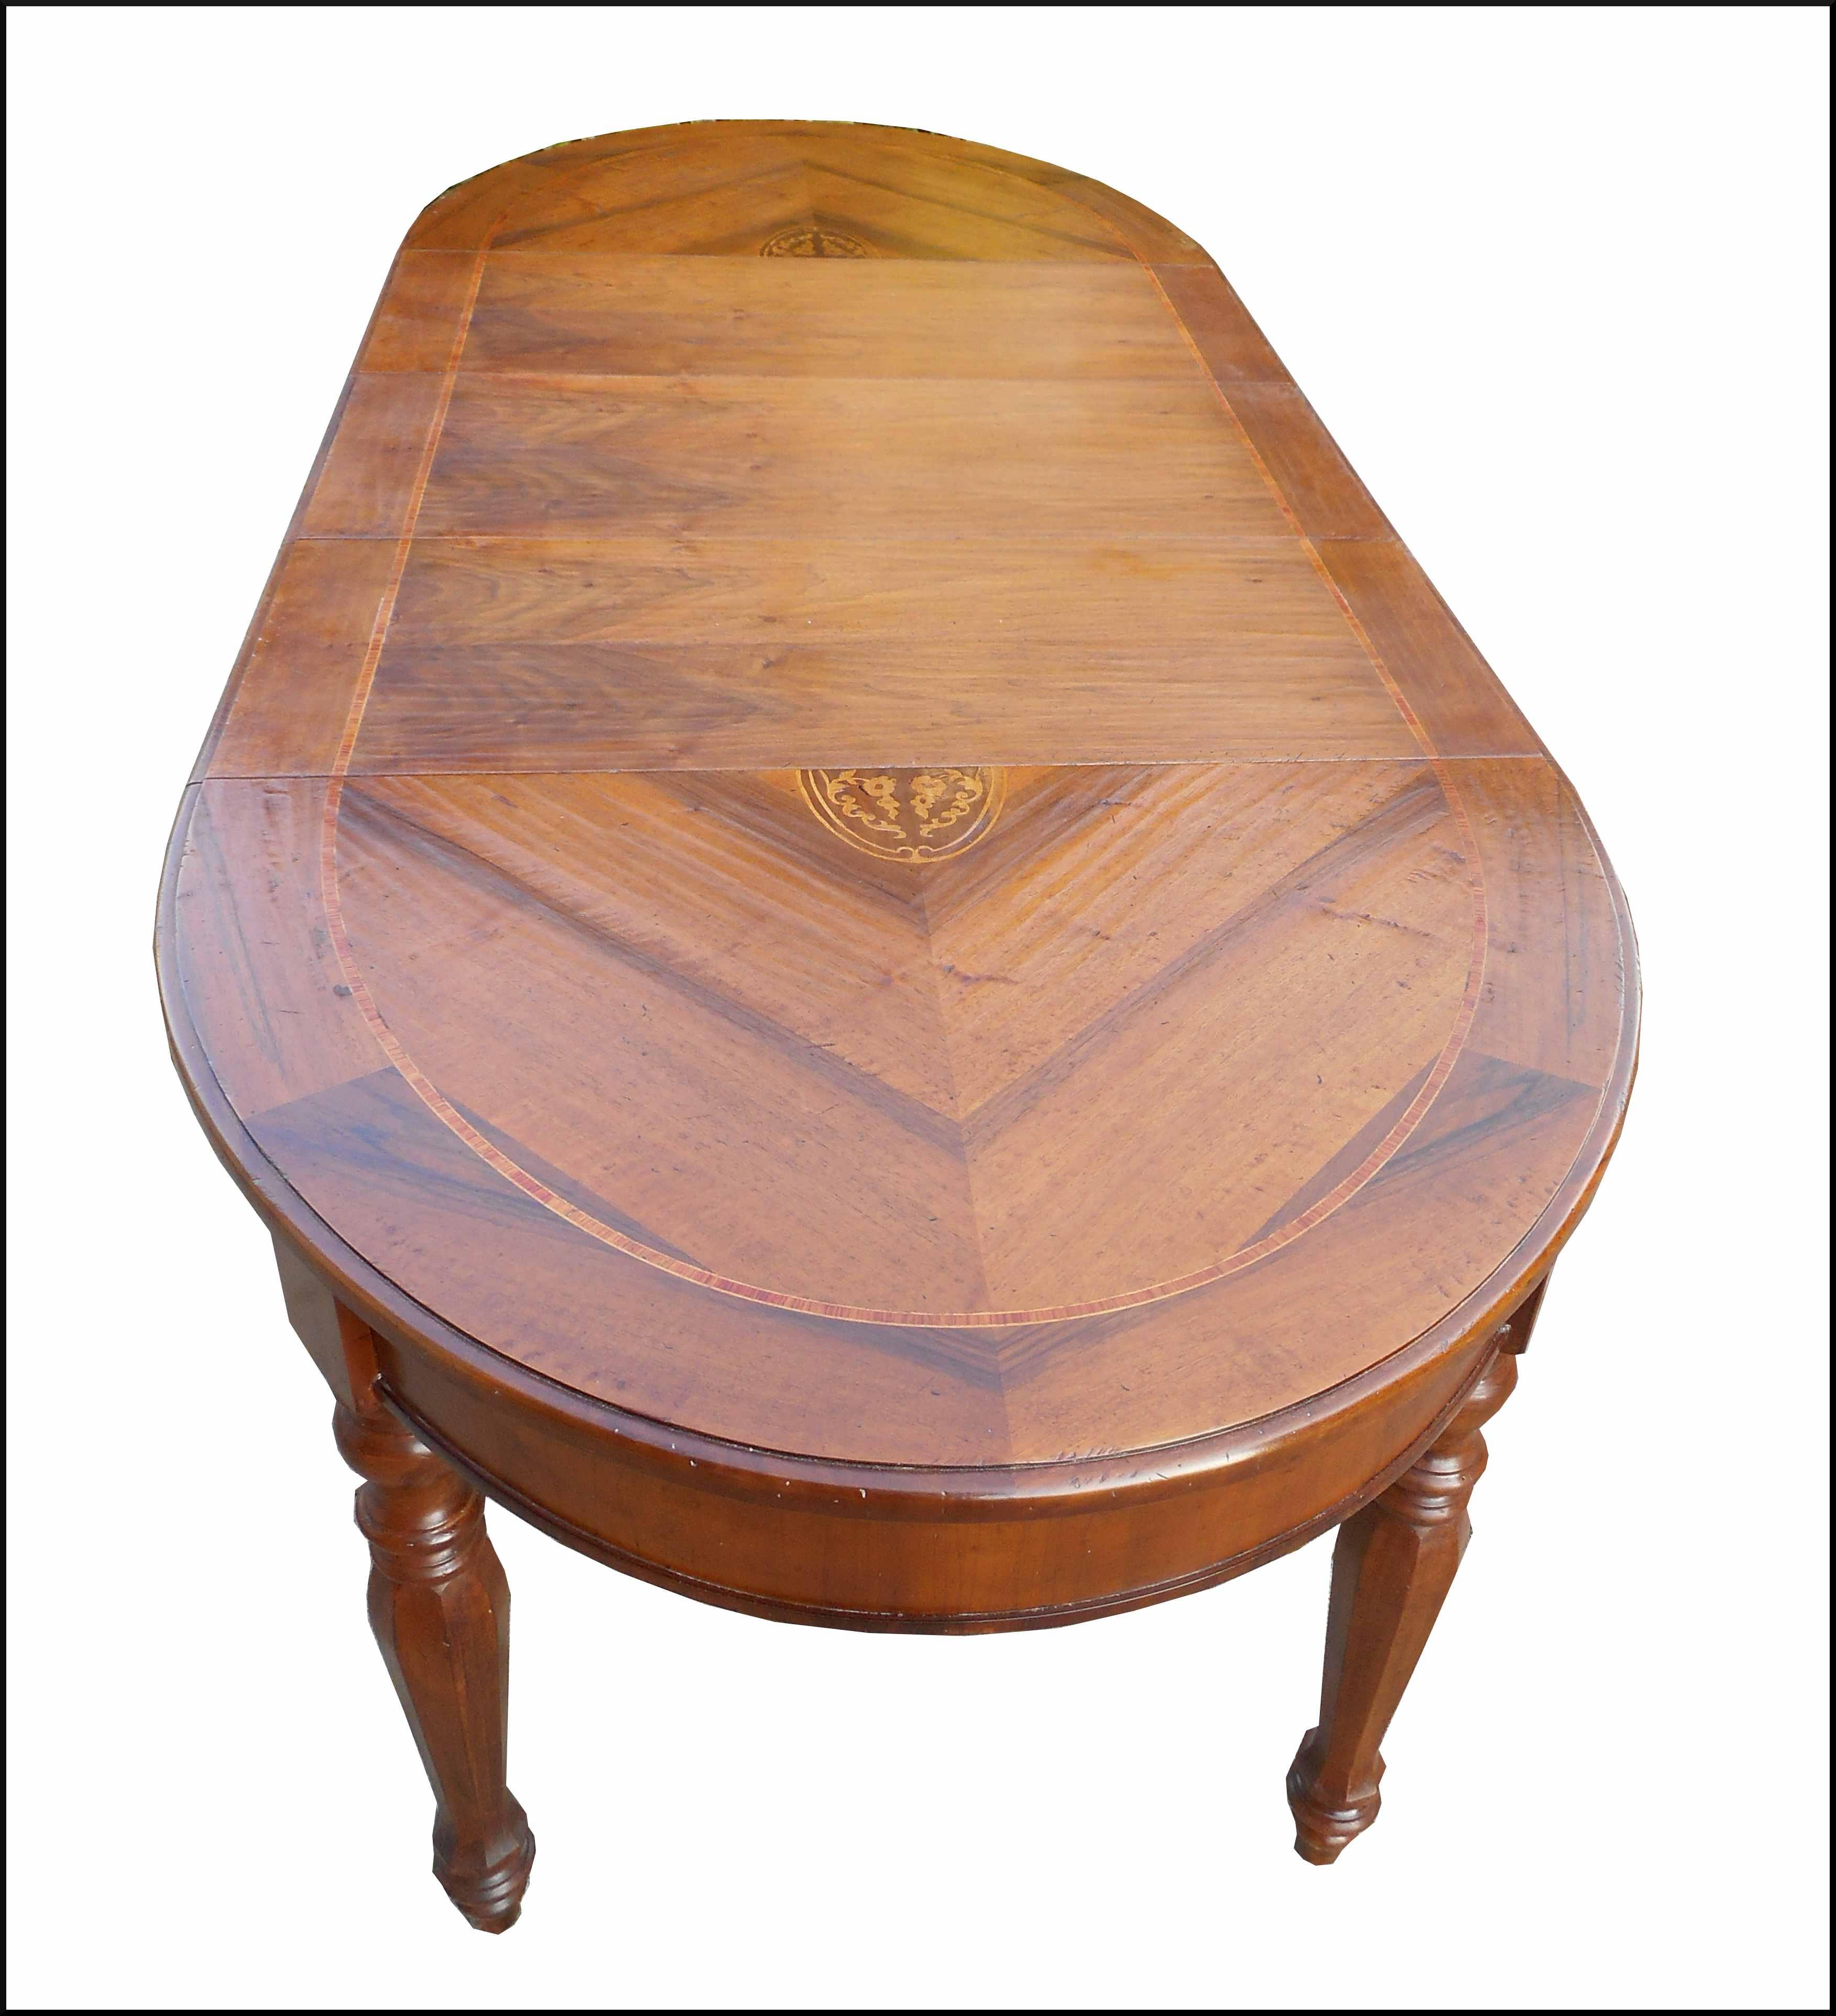 Piccolo ed elegante tavolo in noce con intarsio floreale - Tavolo piccolo allungabile ...